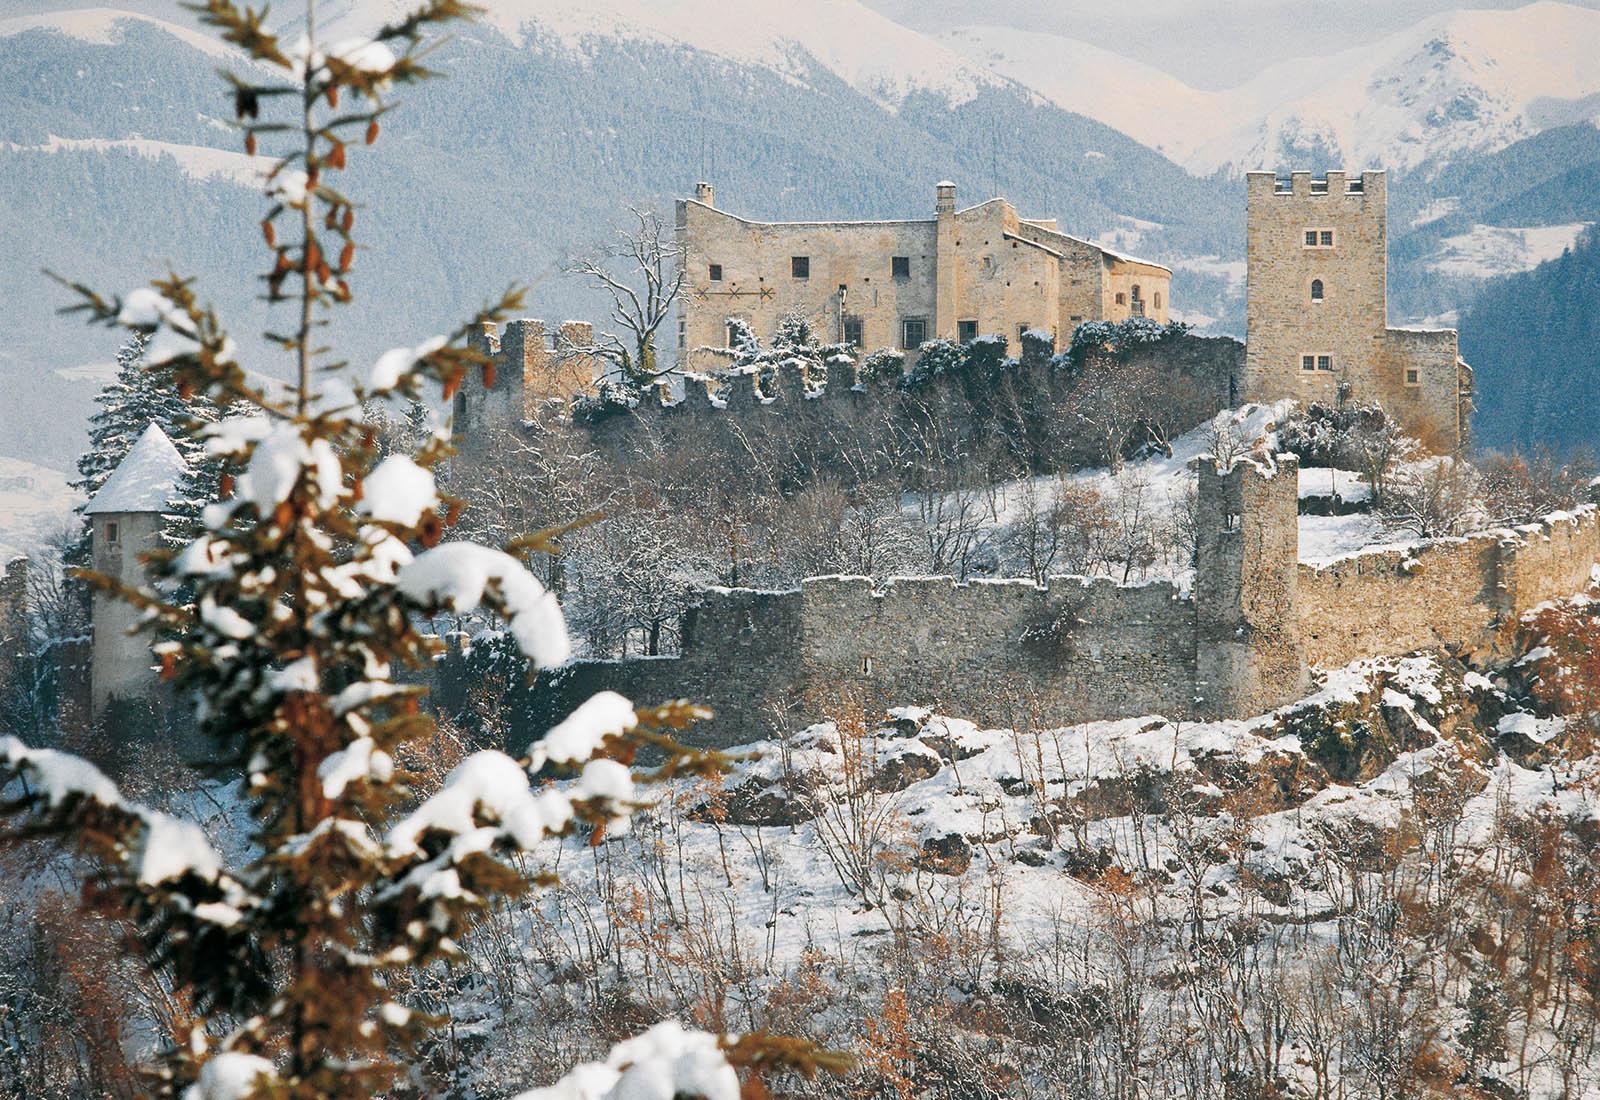 Castel Pergine neve - Mercatini di Natale - dal Castello di Trento al Borgo di Tenno - SOLD OUT -CONCLUSO